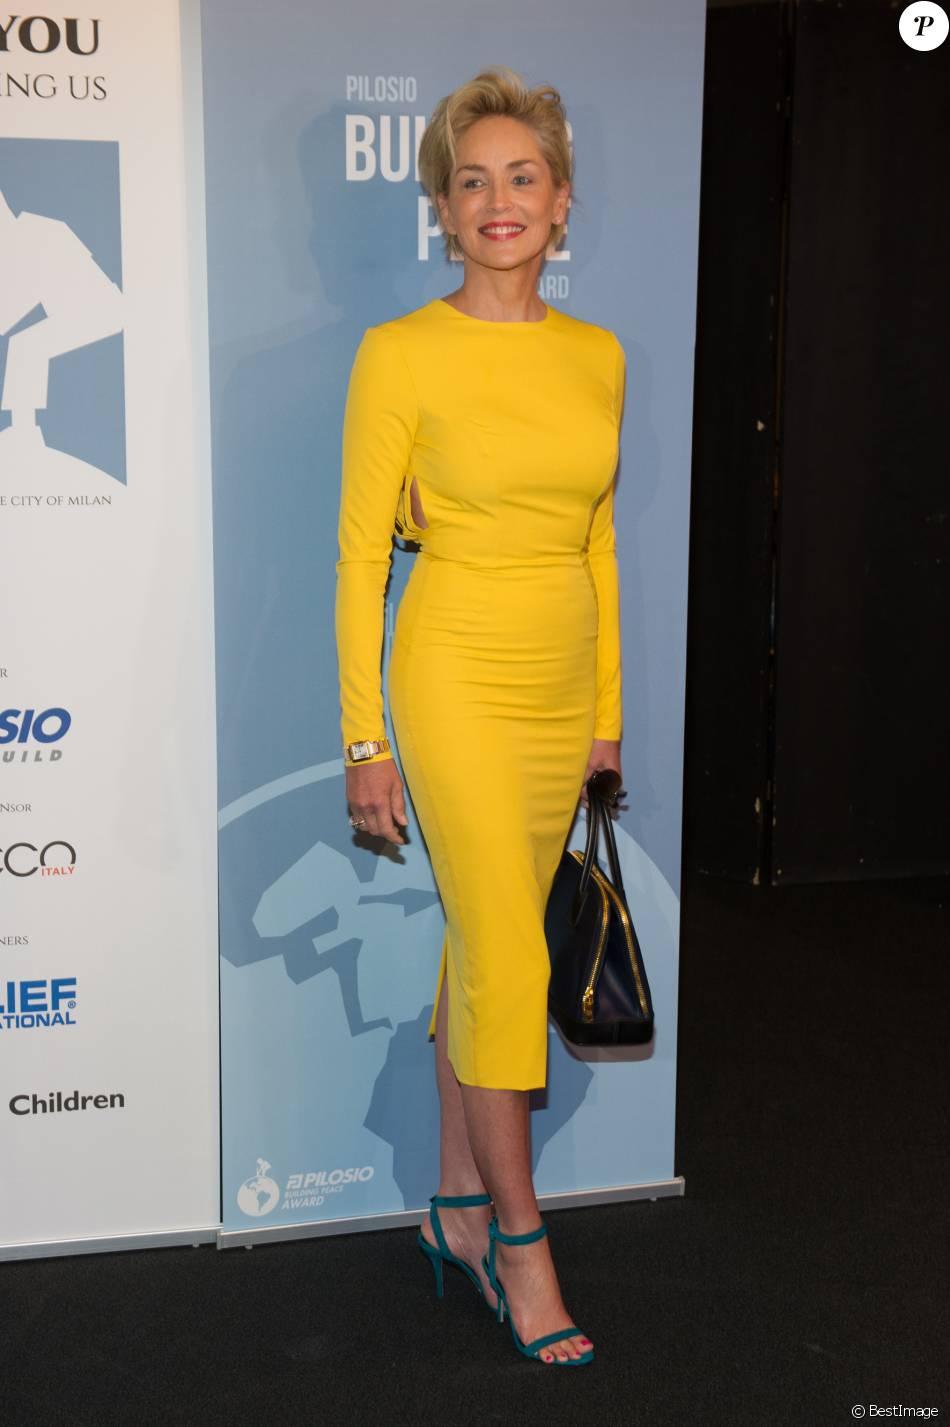 """Sharon Stone à la soirée """"Pilosio Building Peace Award 2015"""", le 13/09/2015 - Milan"""